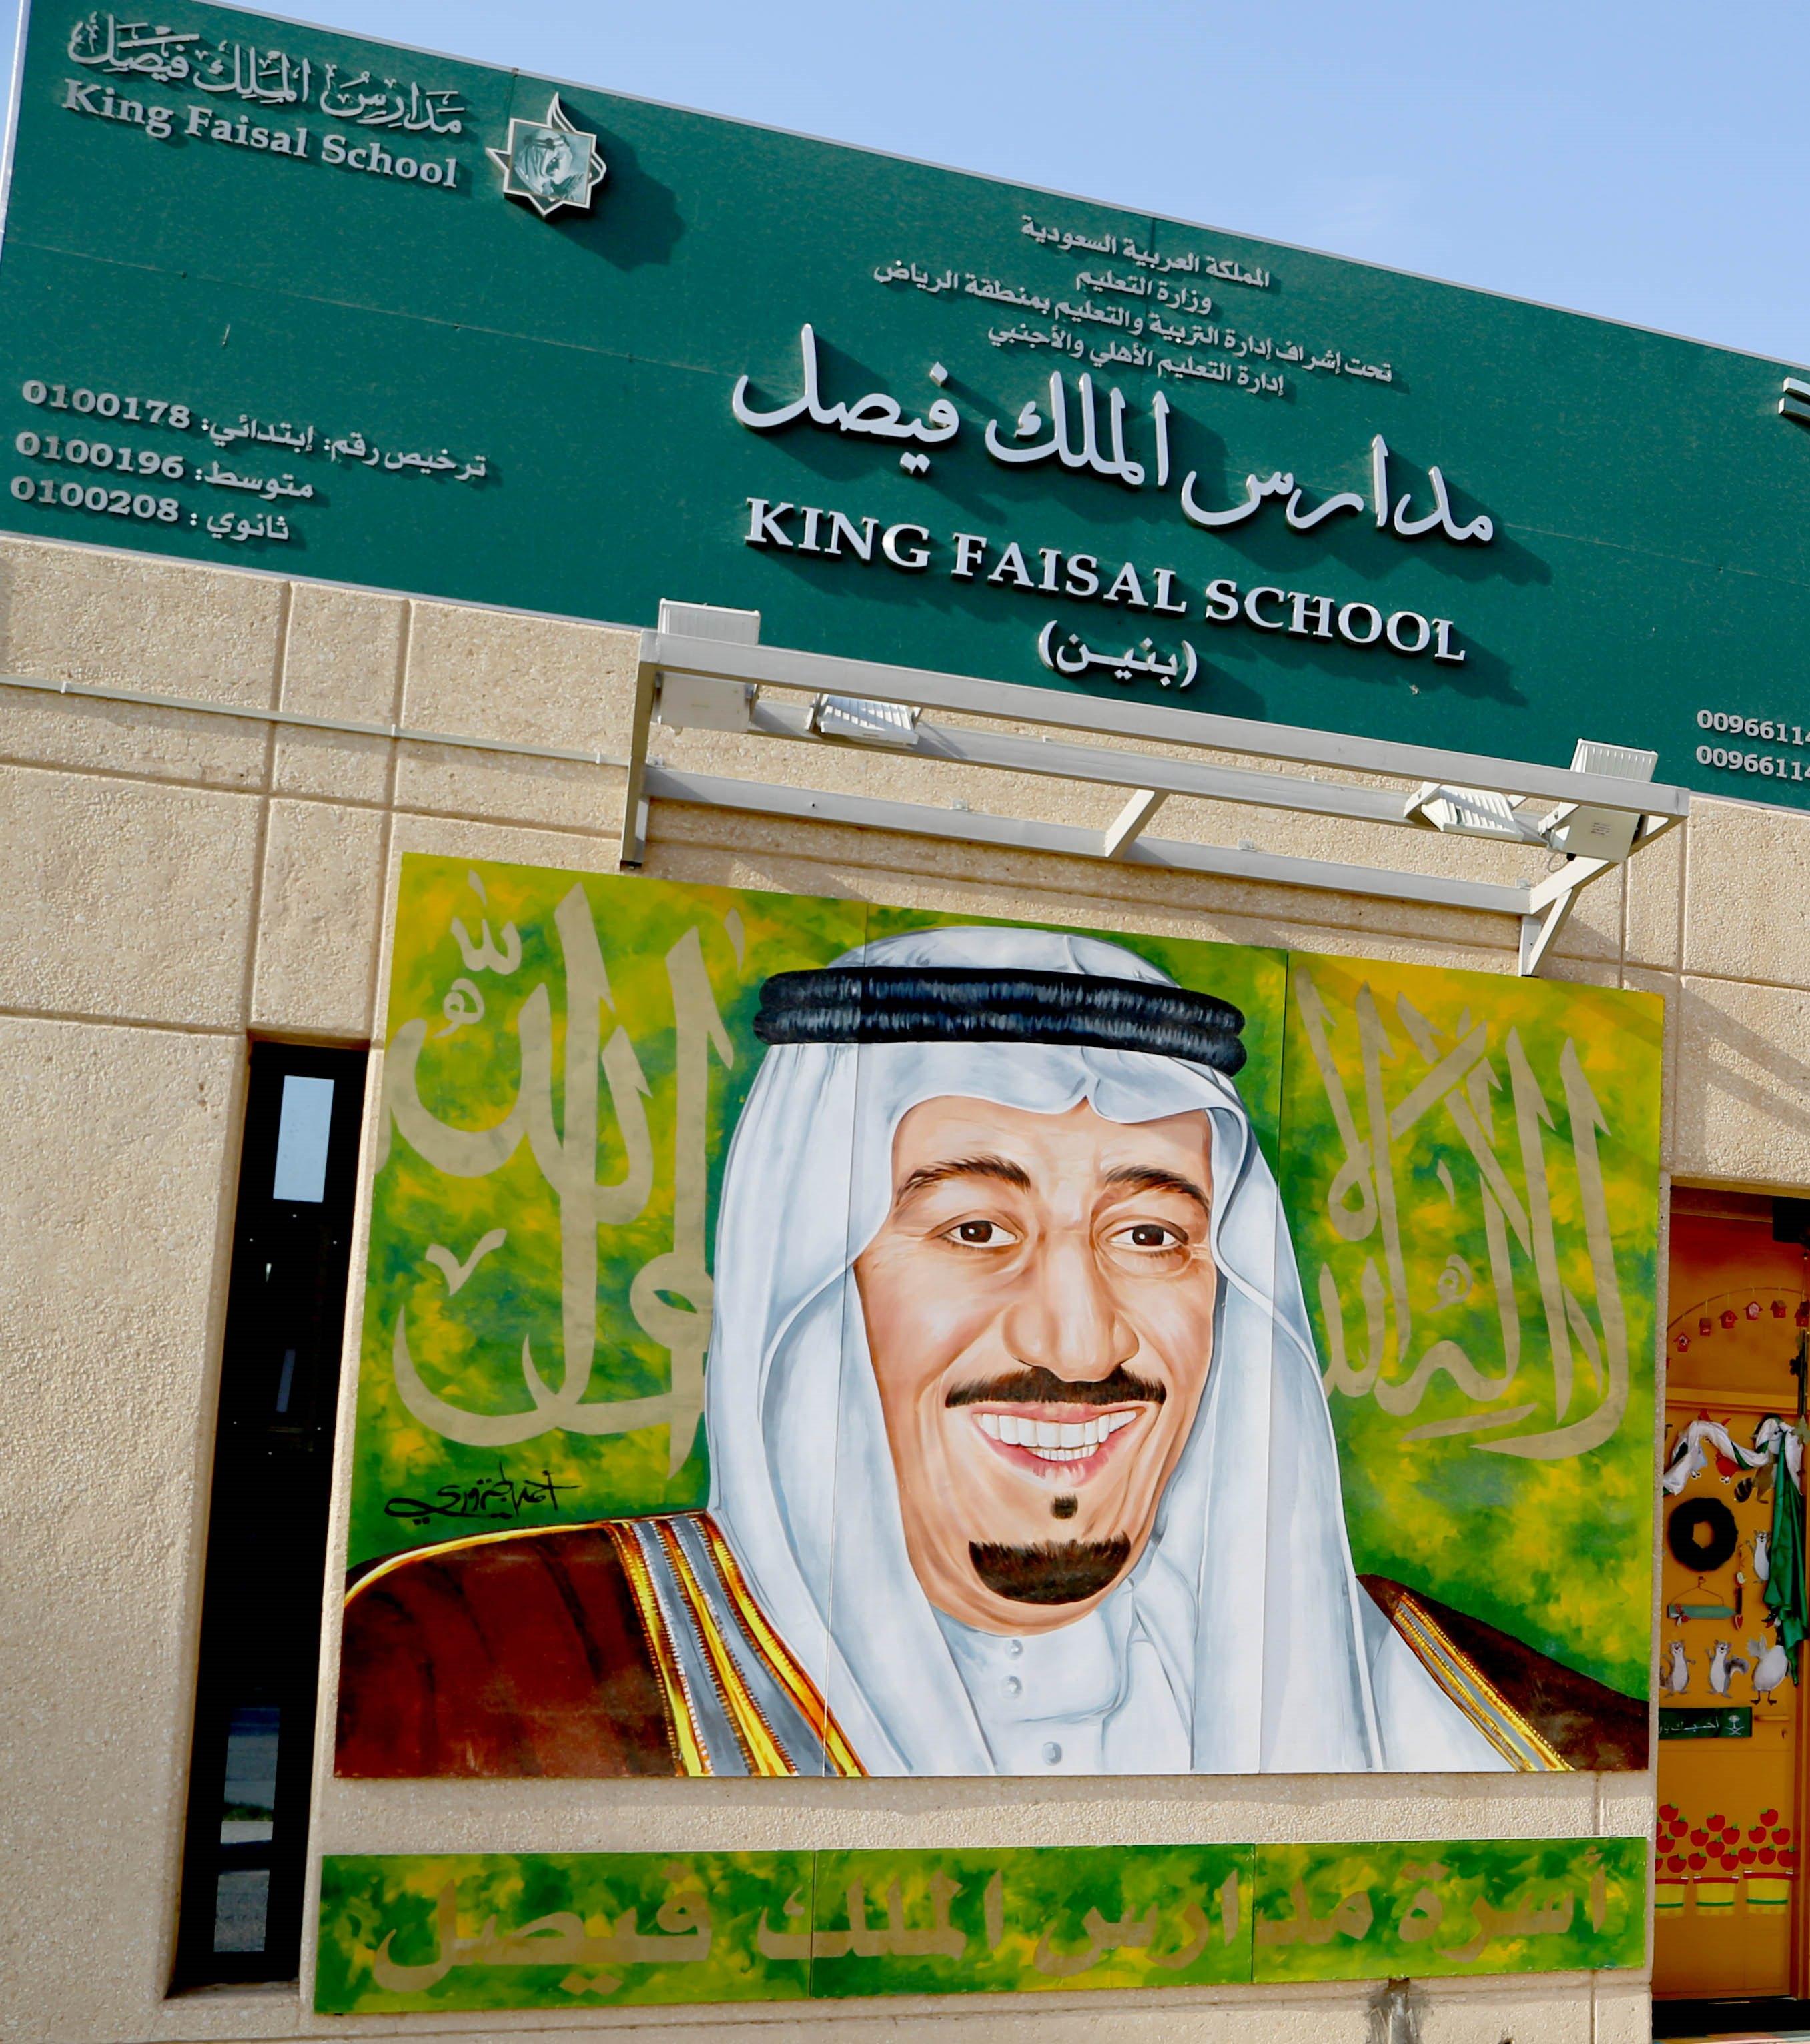 الأمير فيصل بن أحمد: مشاركتي في رسم لوحة #خادم_الحرمين رمزية - المواطن